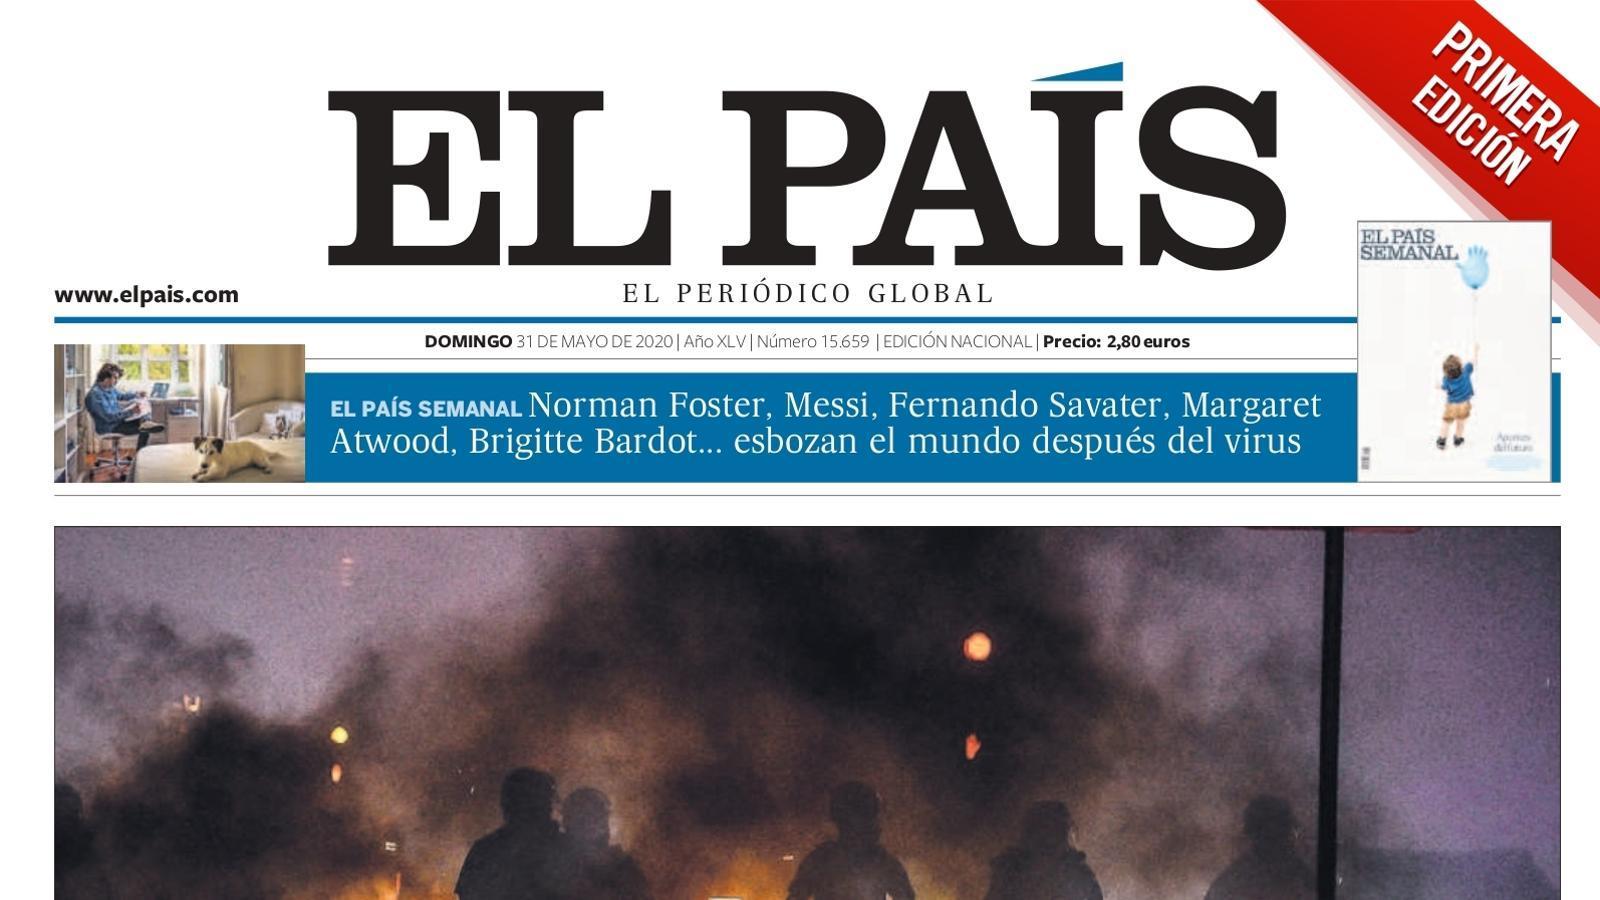 La portada d''El País' del diumenge 31 de maig de 2020